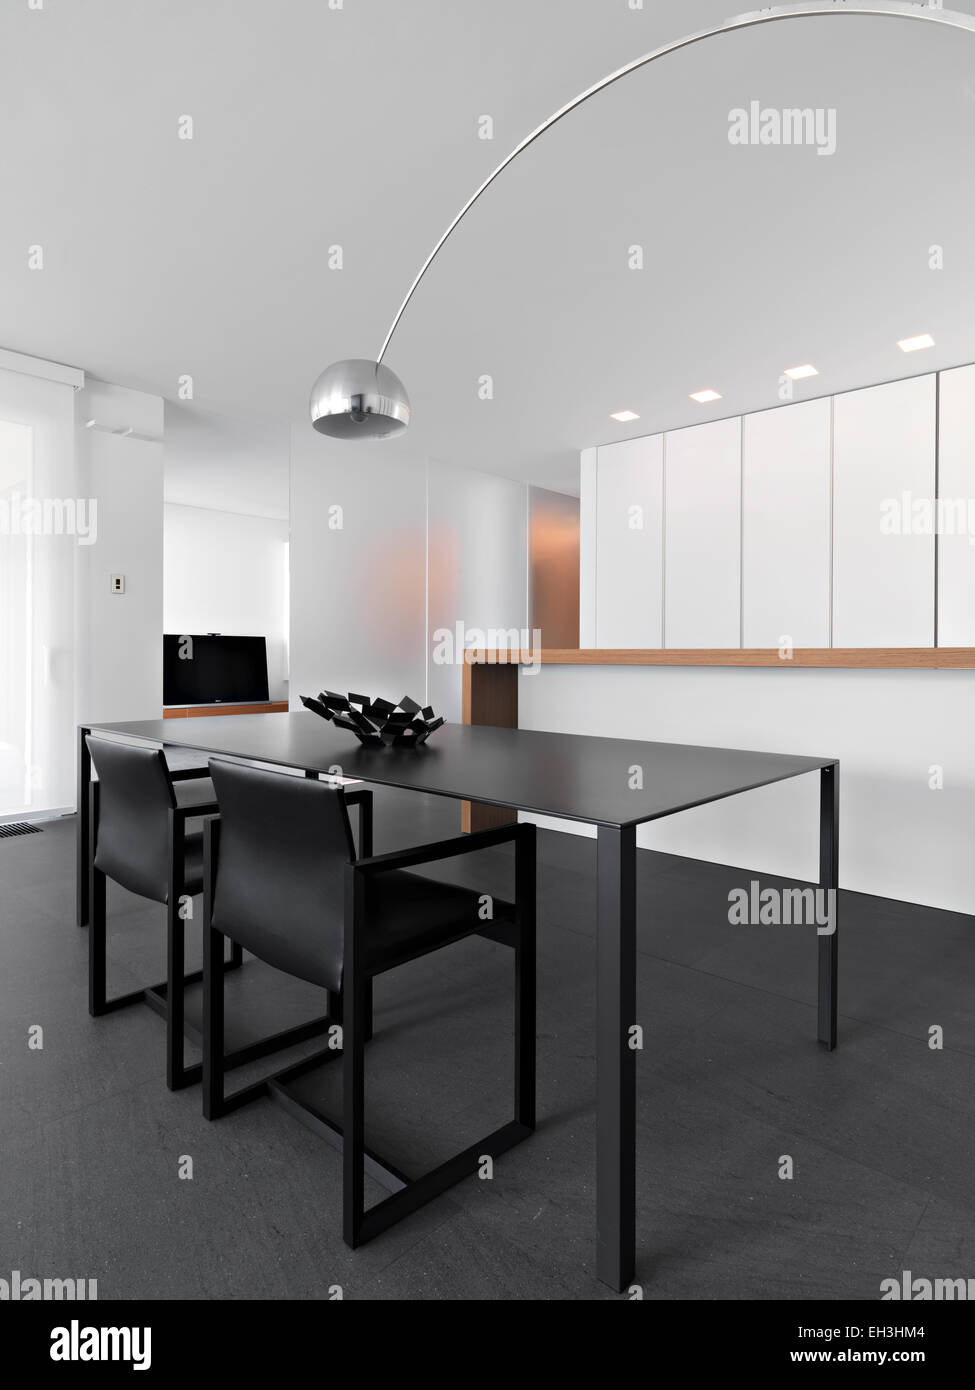 Innenansicht Eines Modernen Esszimmer Mit Esstisch Im Vordergrund Mit Blick  Auf Die Küche Mit Kochinsel